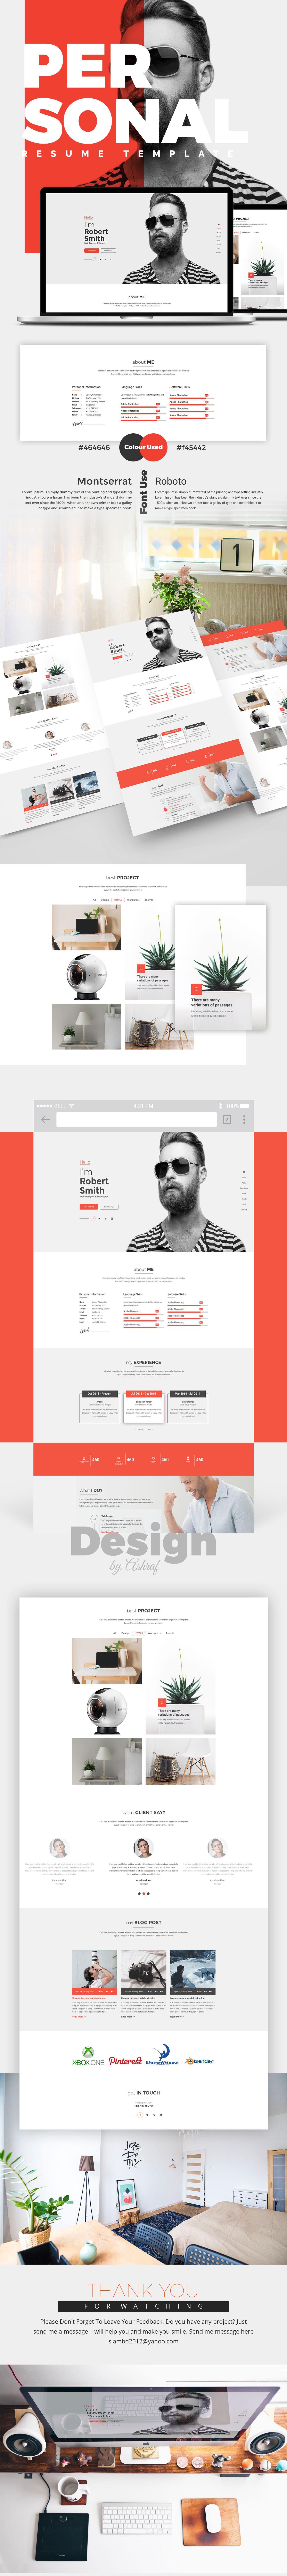 Elegant - Personal CV/Portfolio/Resume Html5